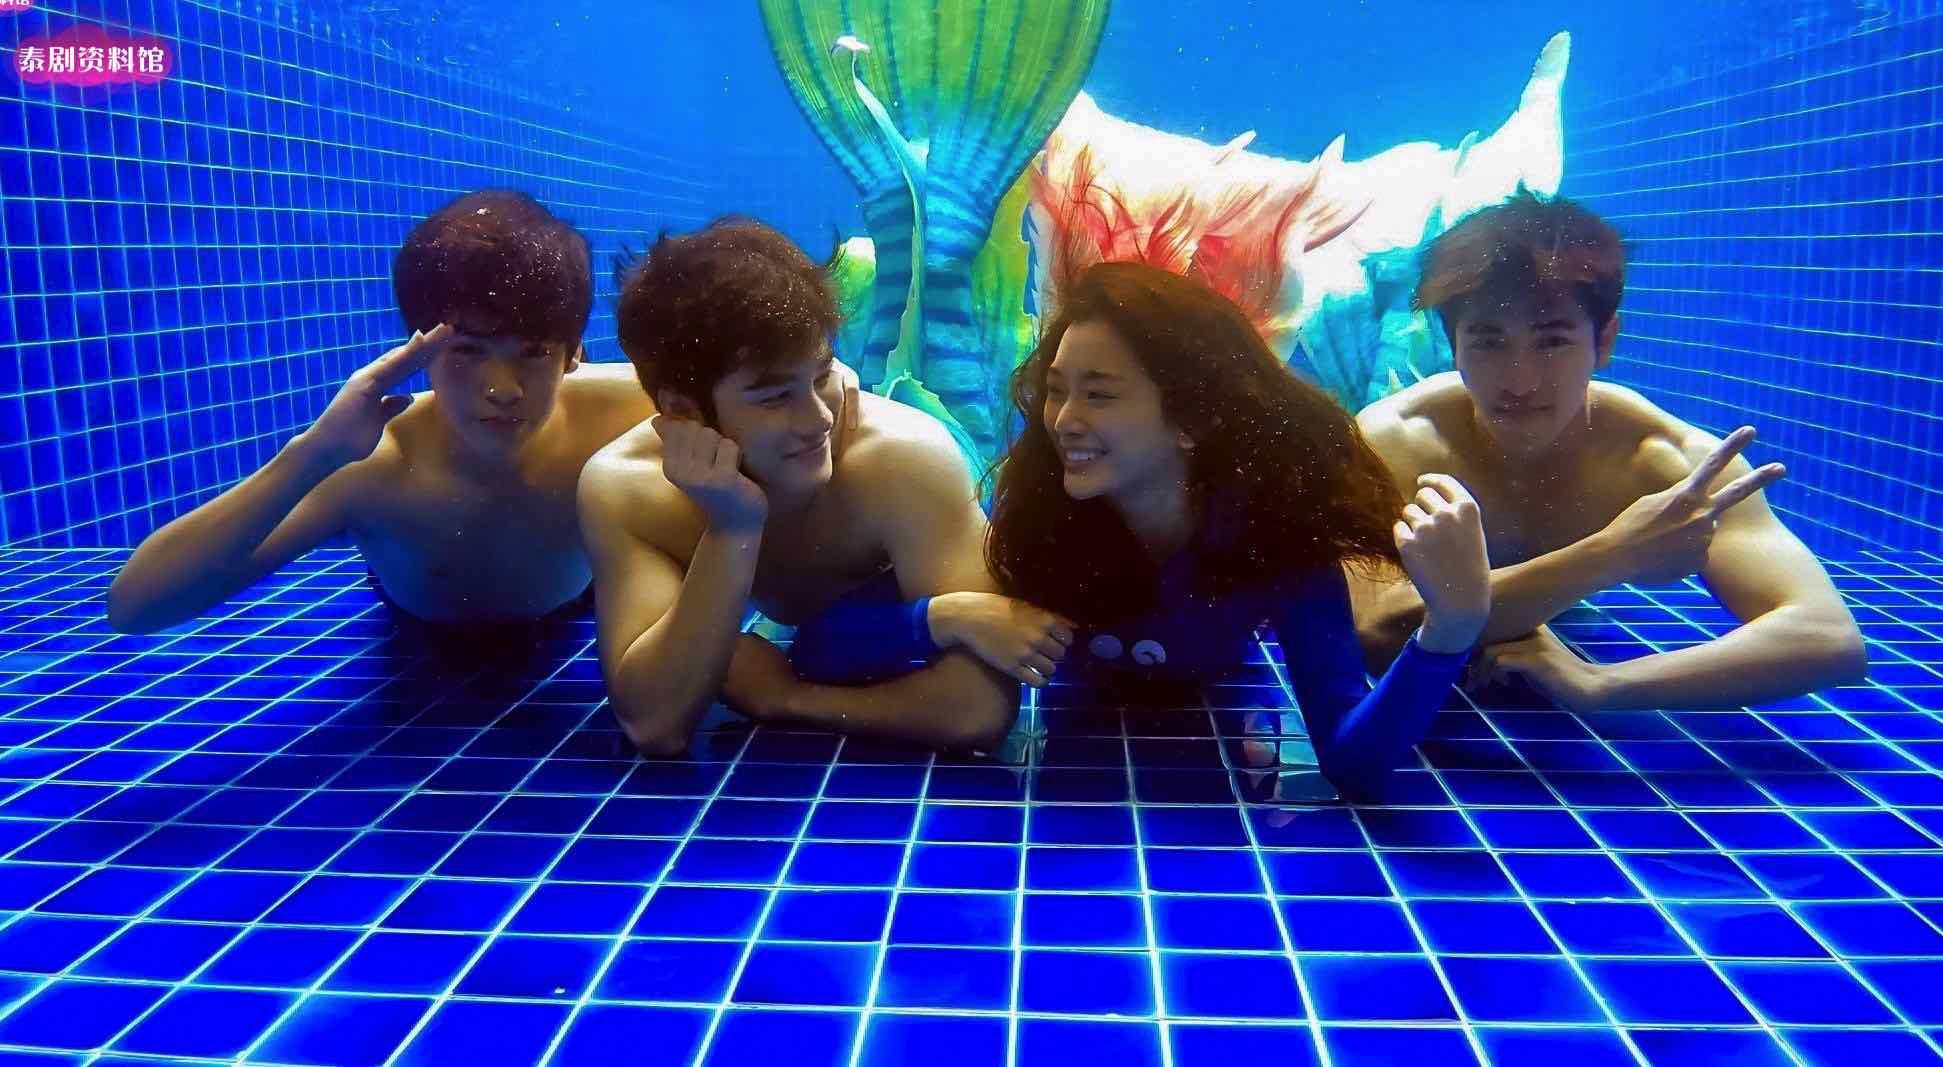 【泰娱新闻】泰国3台 2018上半年 新剧推介